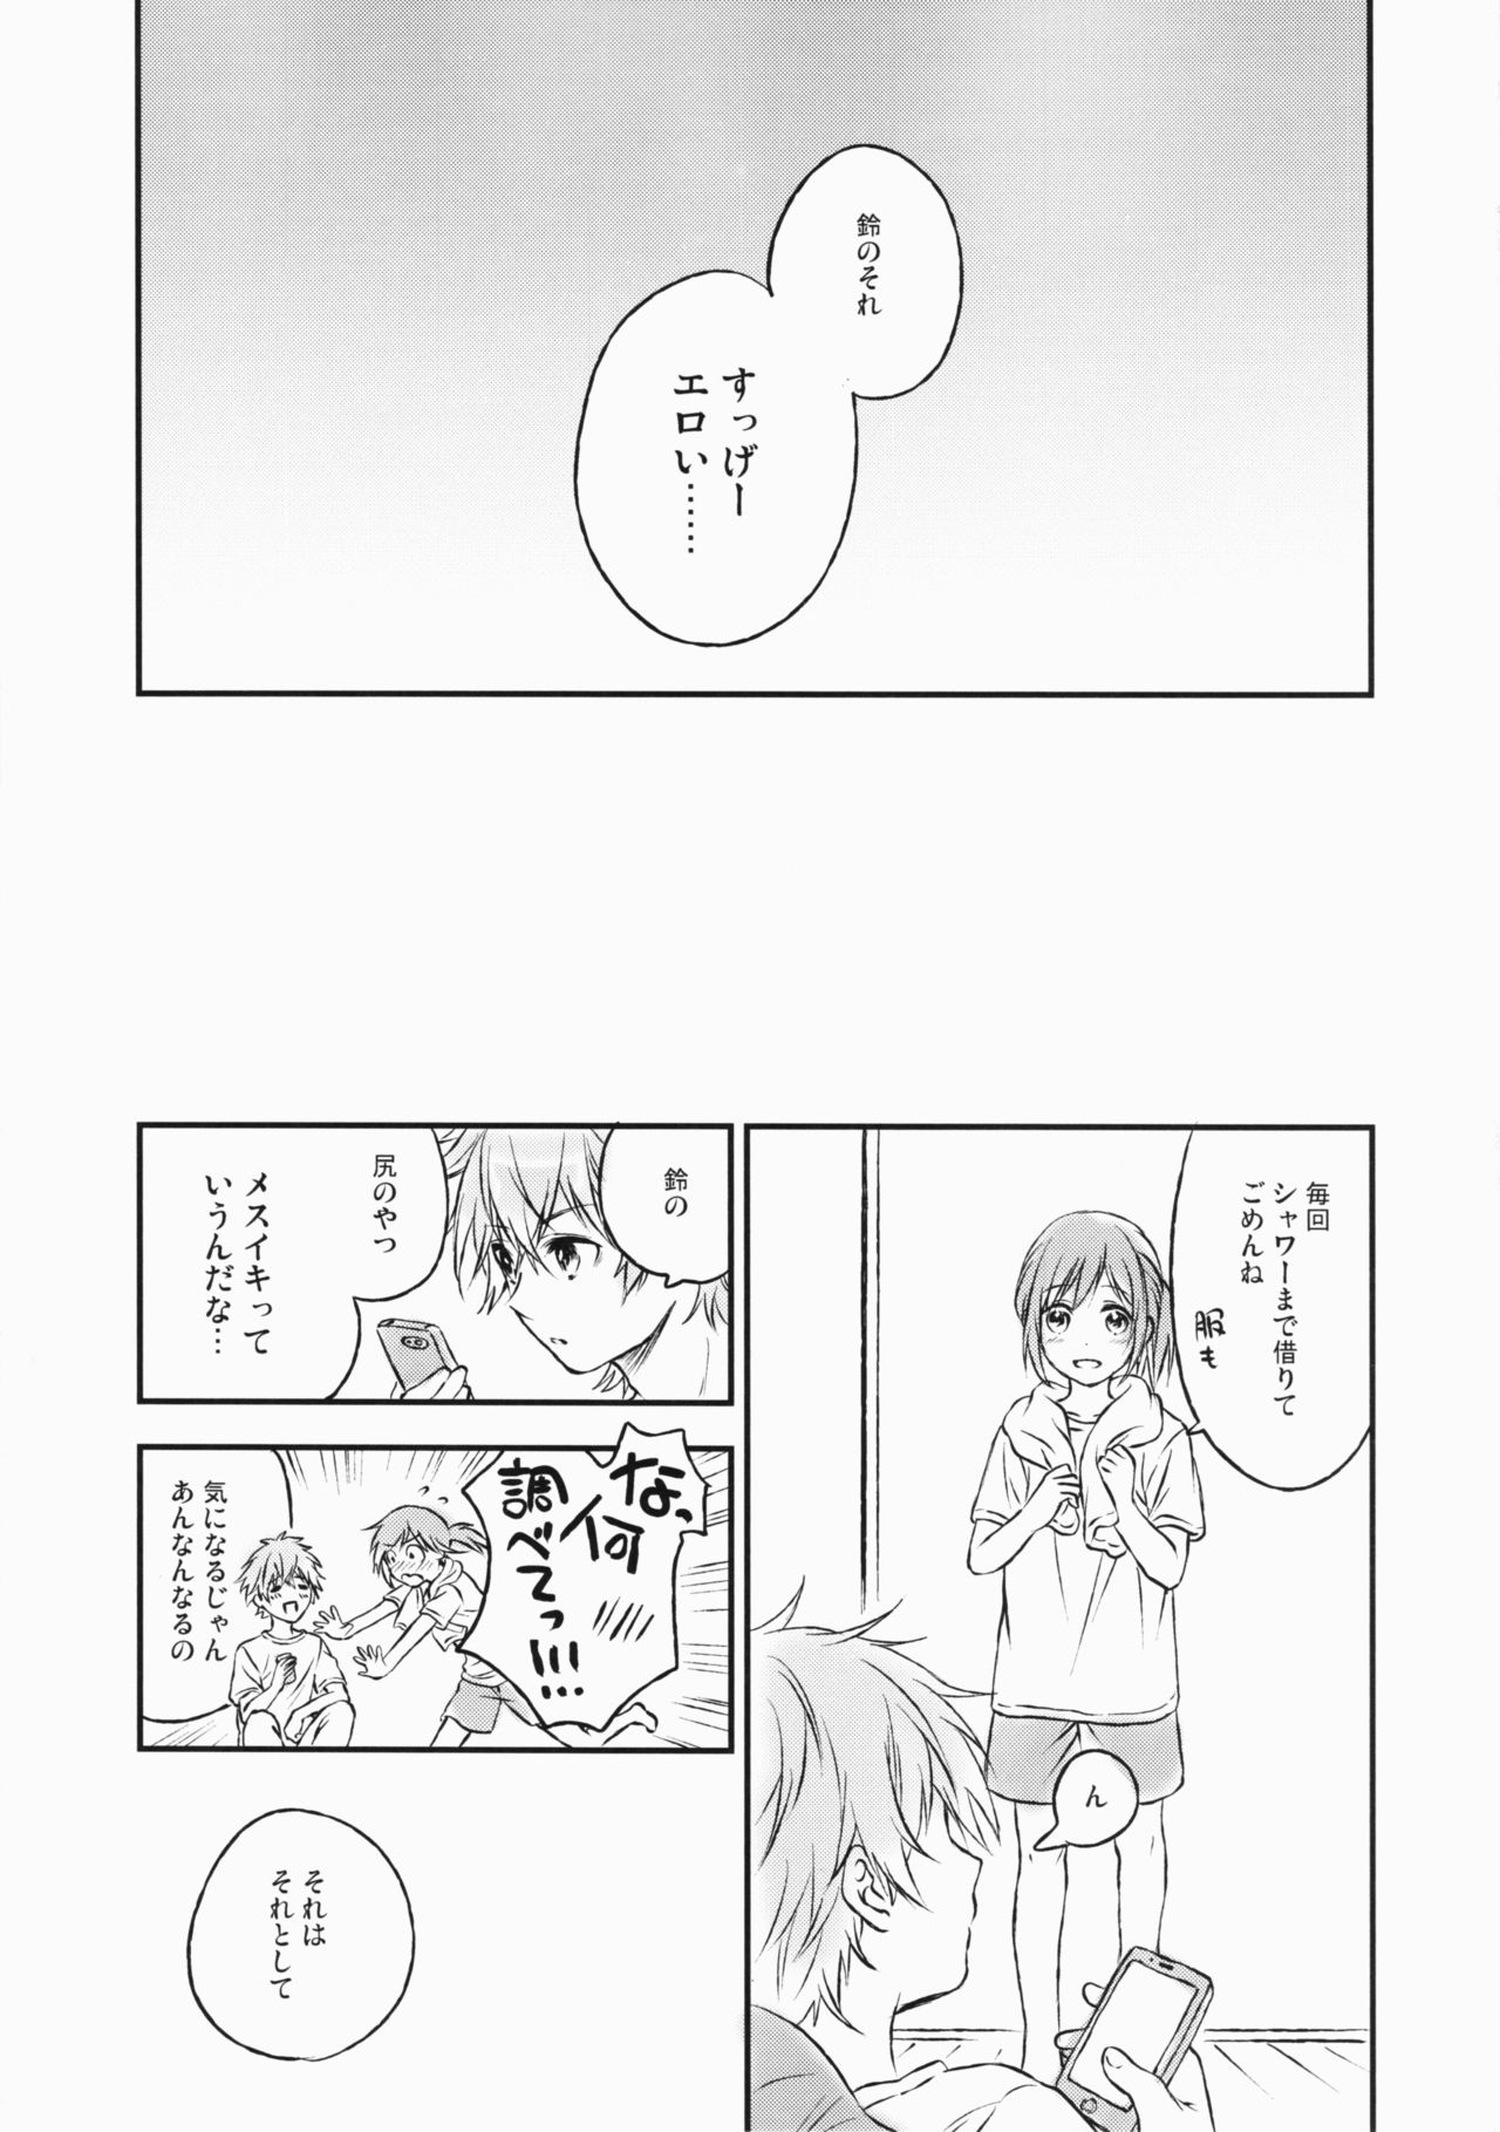 ポニーテールの女装男子とイチャラブセックスwww【エロ漫画・エロ同人】 (28)